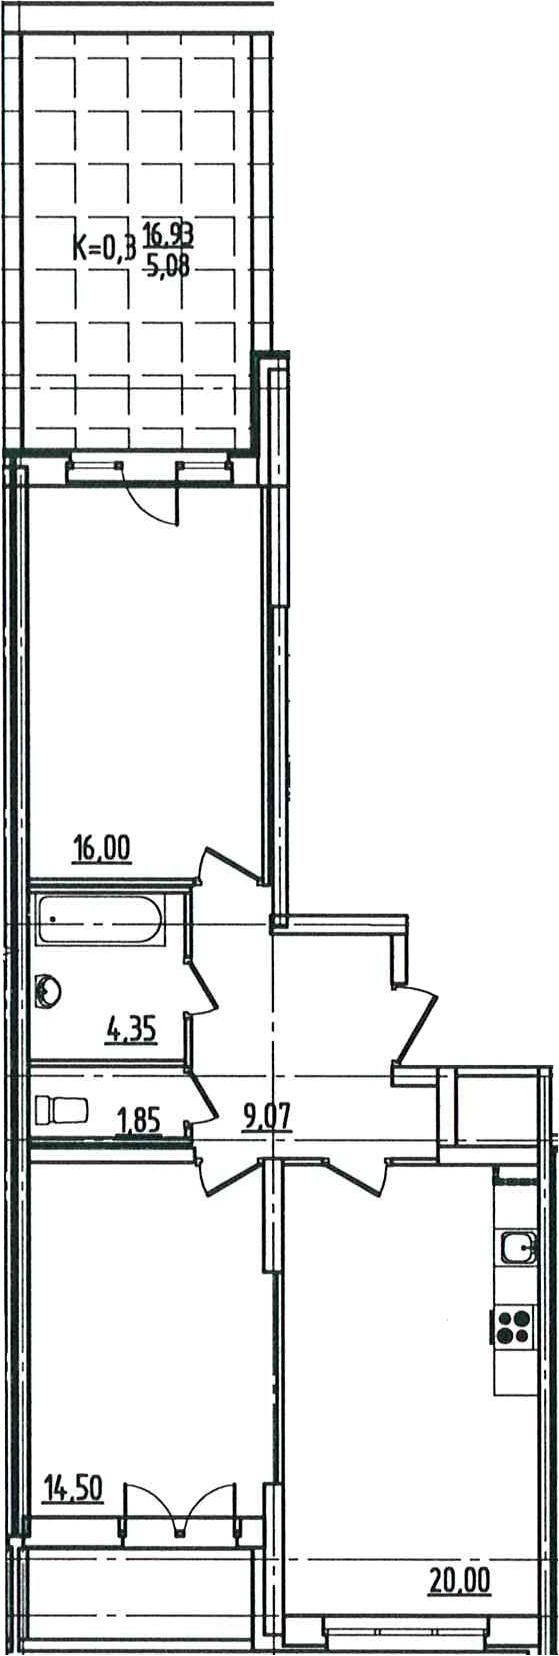 3-к.кв (евро), 86.28 м²